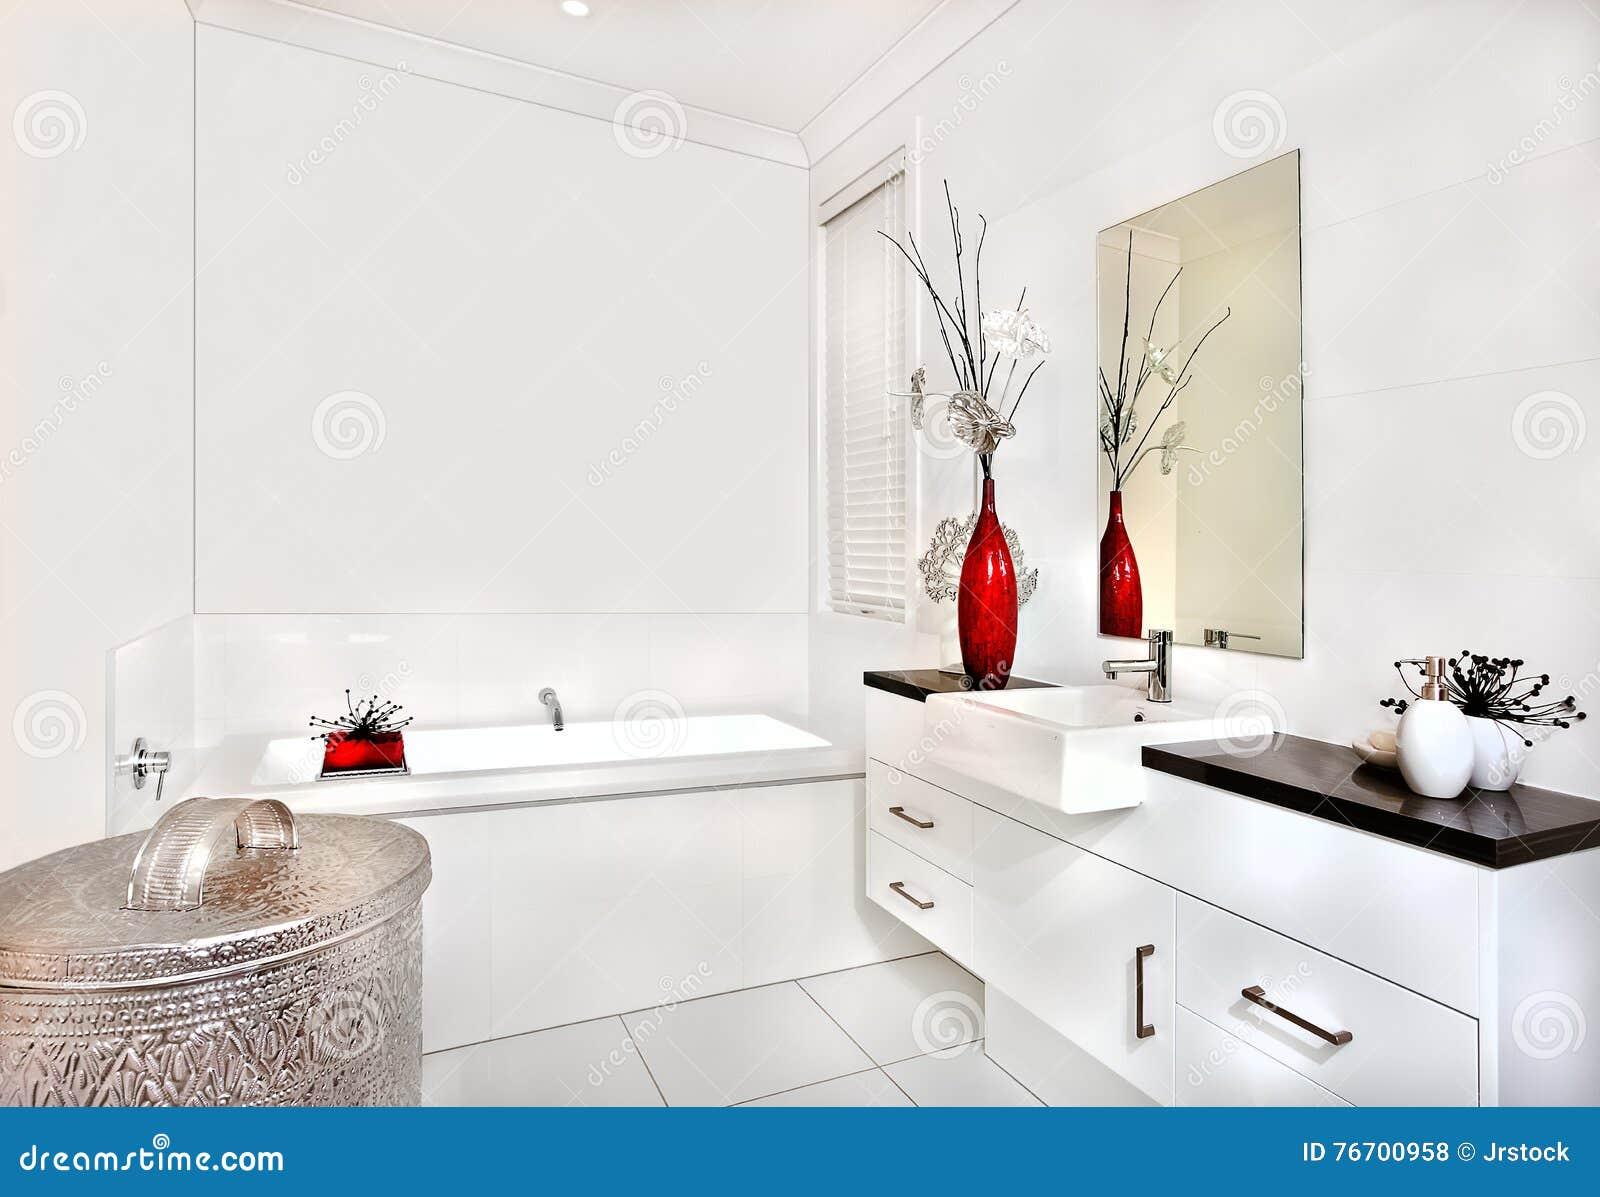 Badrummet med ett bad badar och inre av det moderna huset eller hotellet